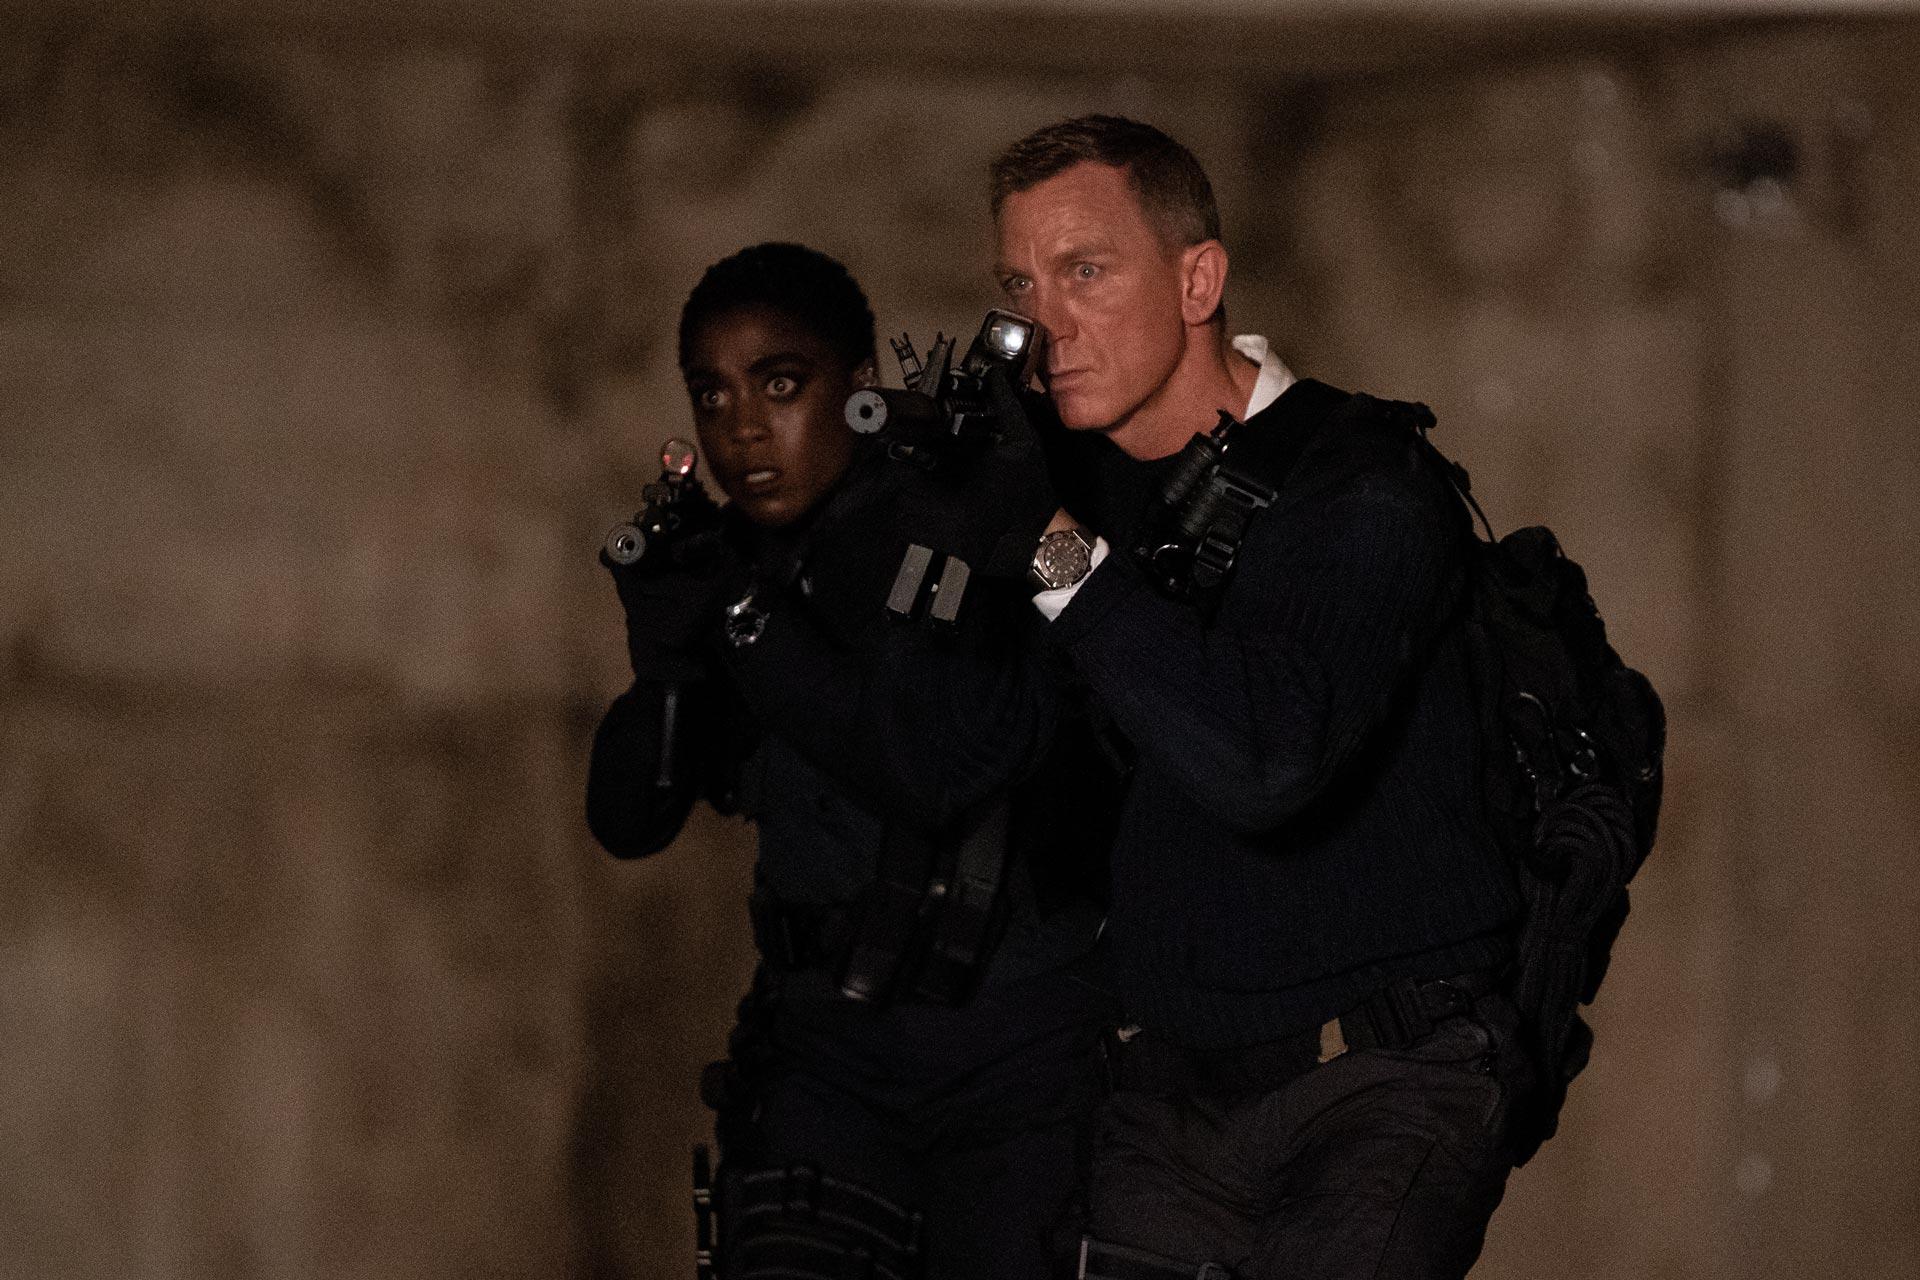 James Bond No Time To Die Movie Stills